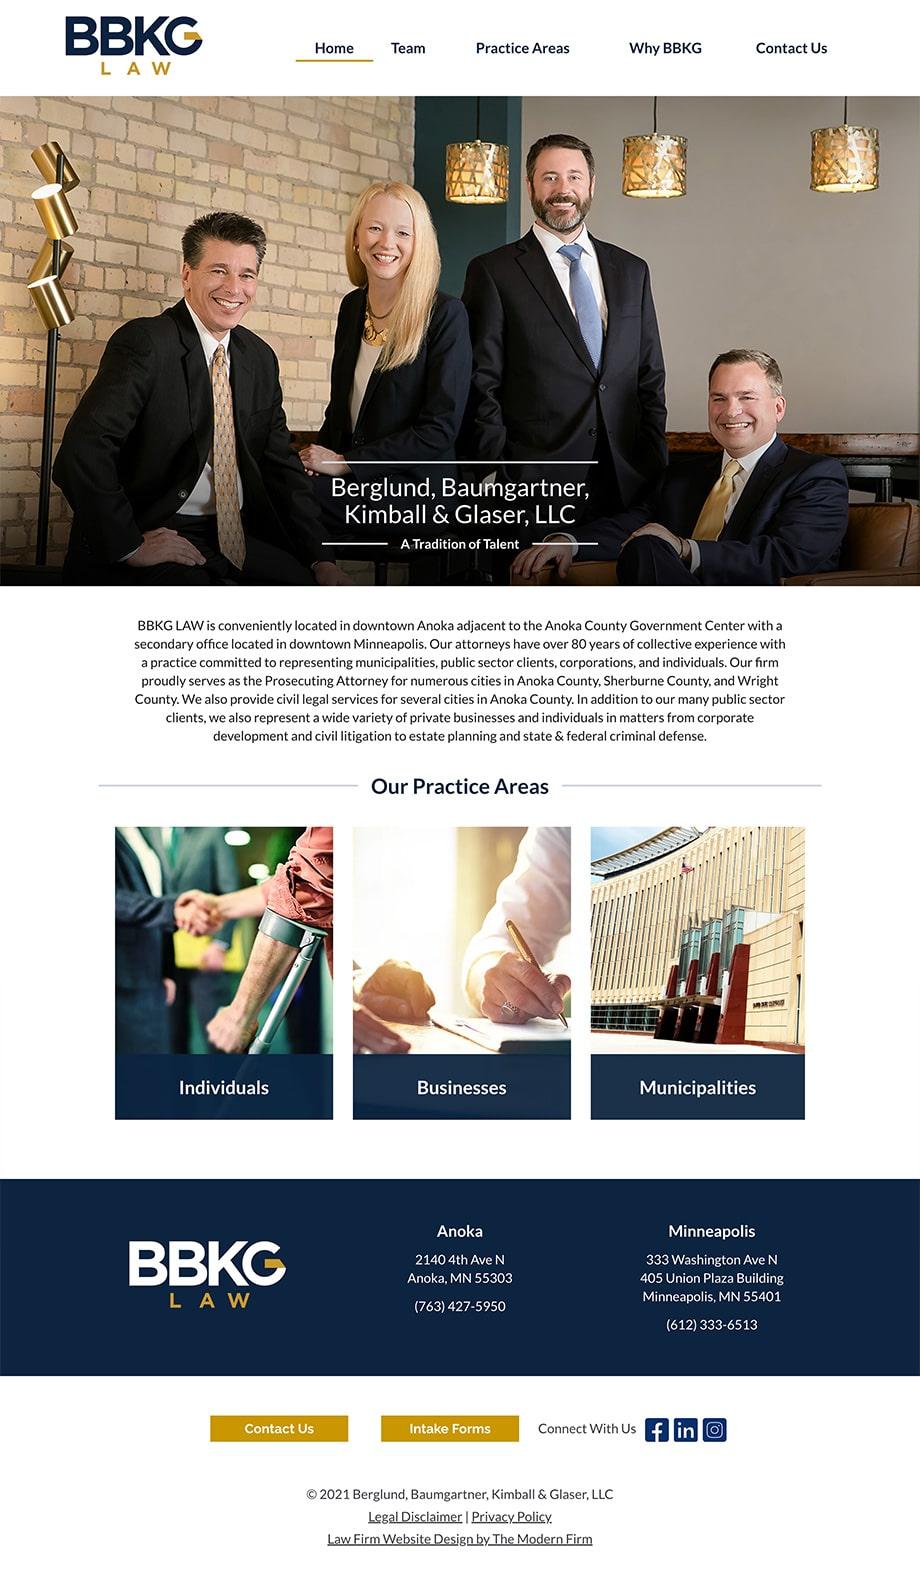 Law Firm Website Design for Berglund, Baumgartner, Kimball & Glaser, LLC